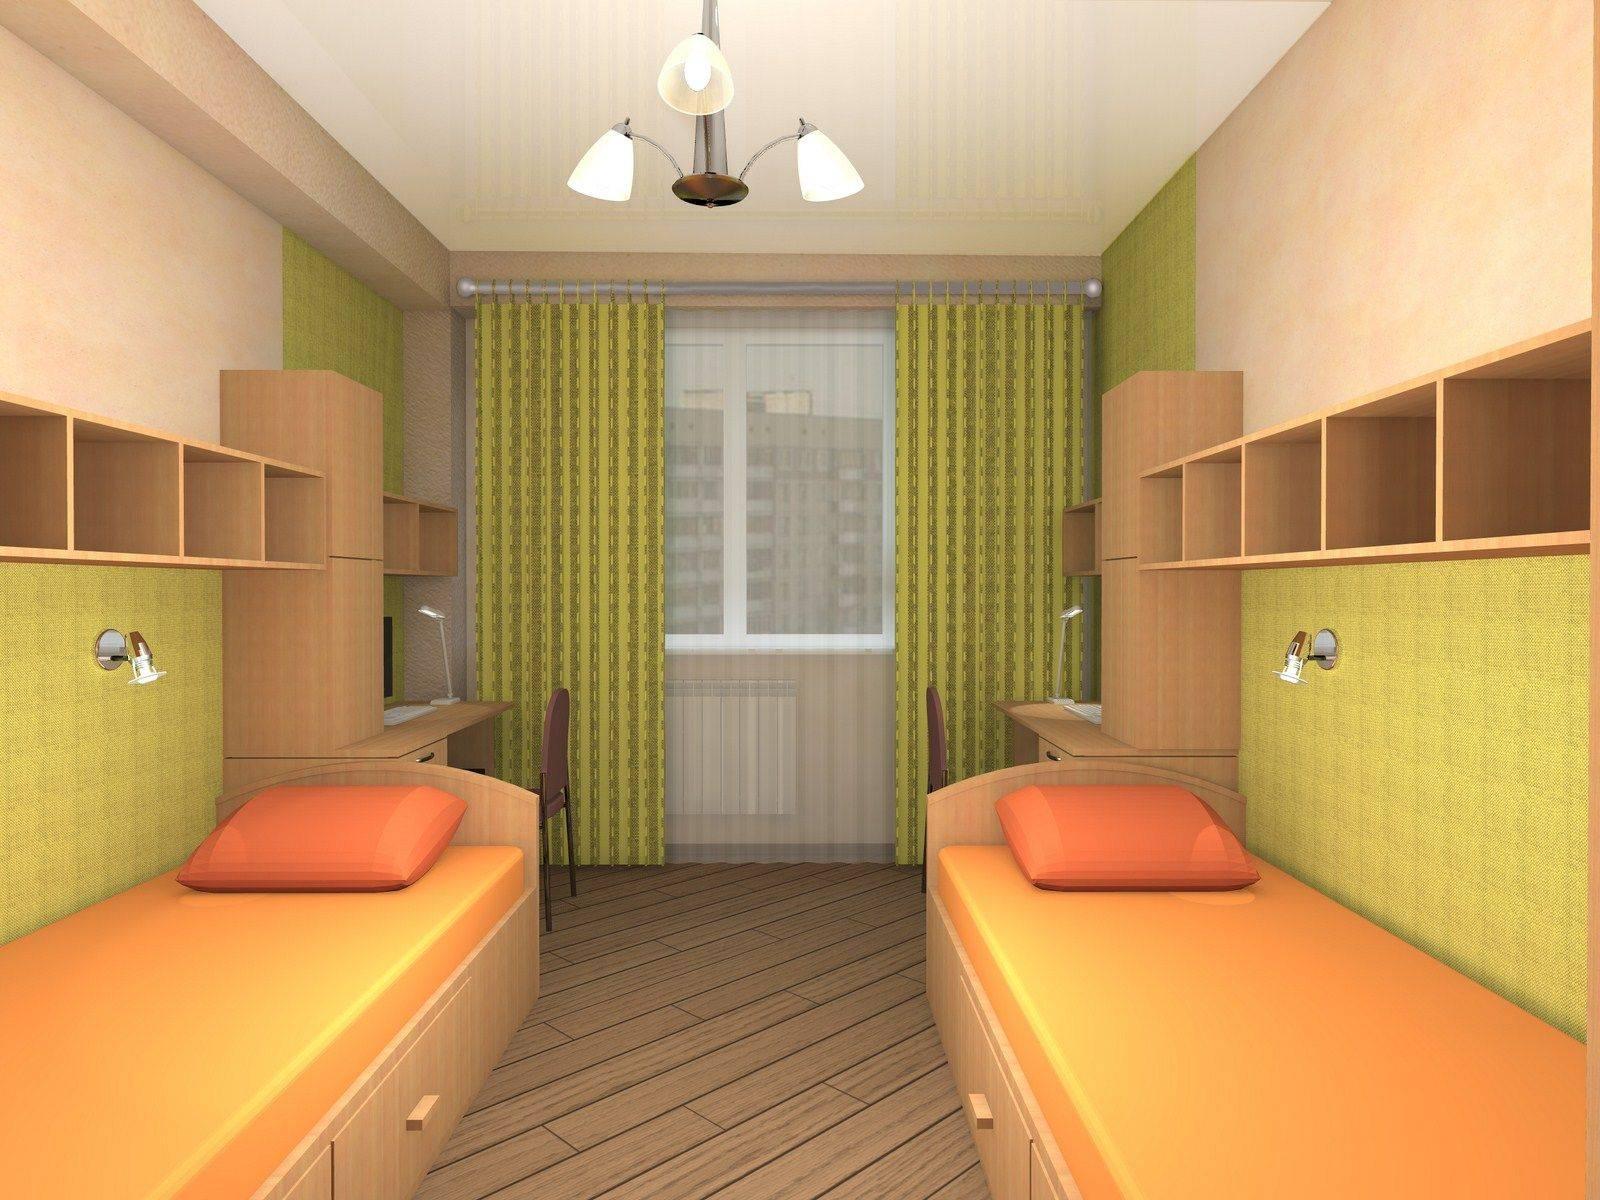 Детская 14 кв. м. - 105 фото удобных проектов и советы по оформлению детской комнаты